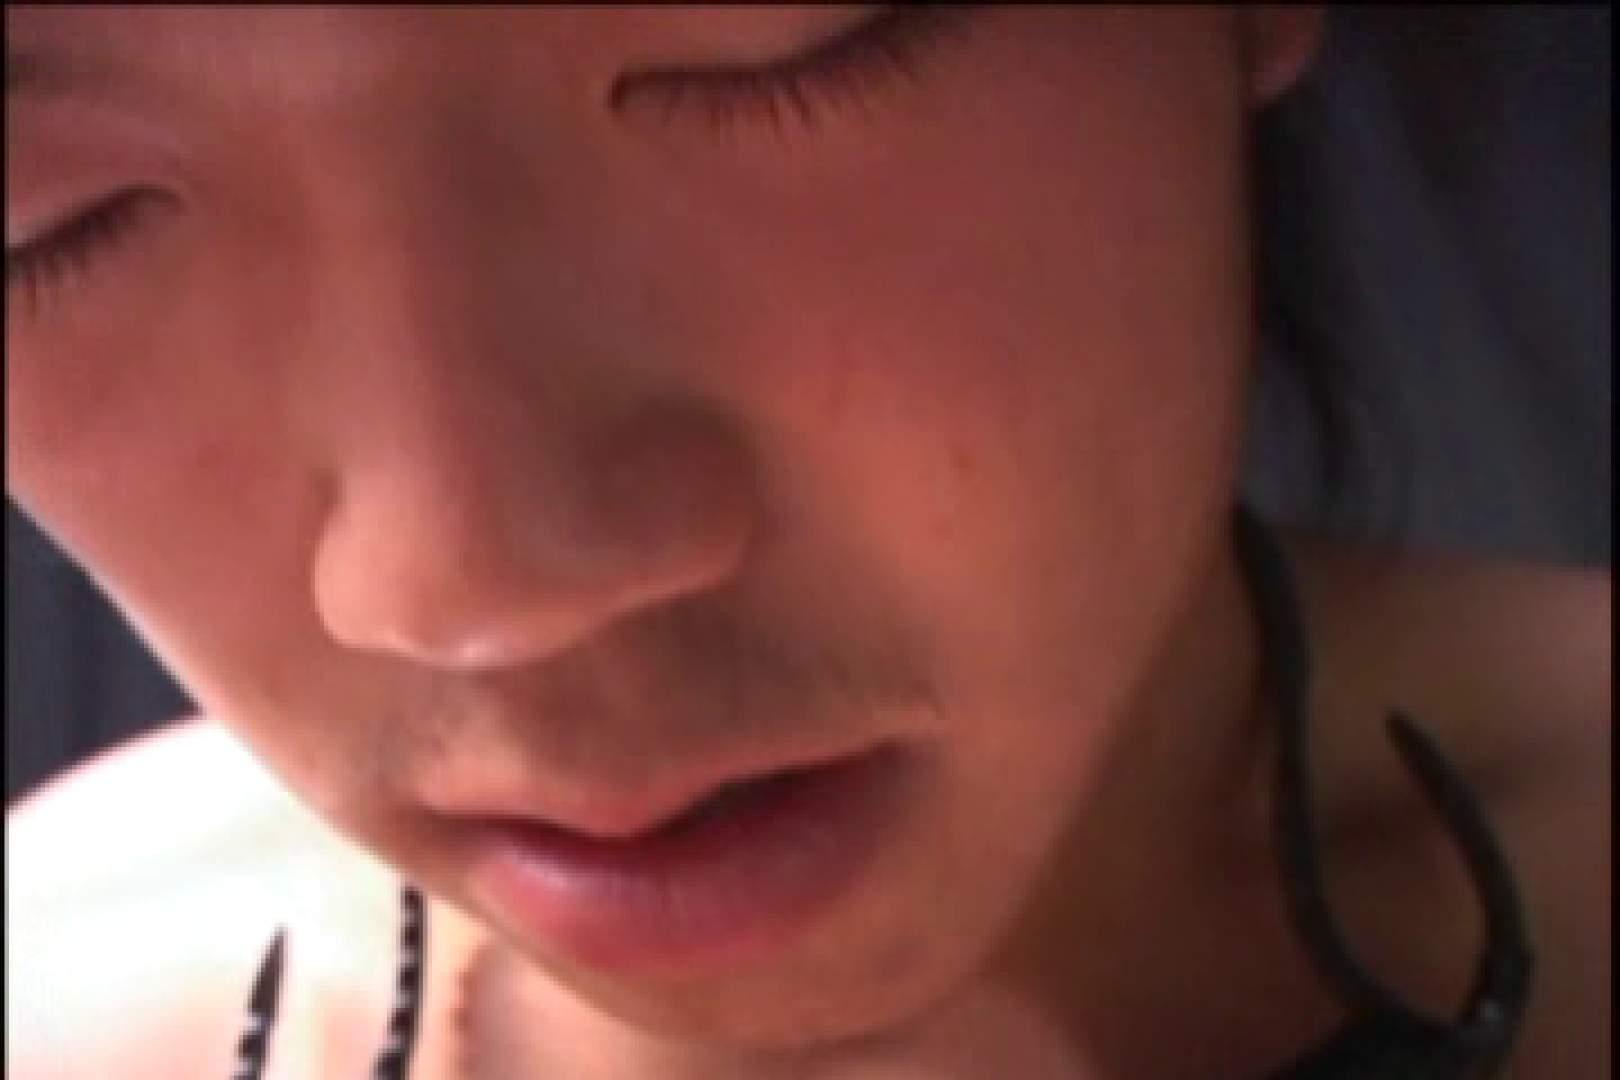 大集合!!カッコ可愛いメンズの一穴入根!! vol.10 ペニス動画 ゲイヌード画像 56pic 12